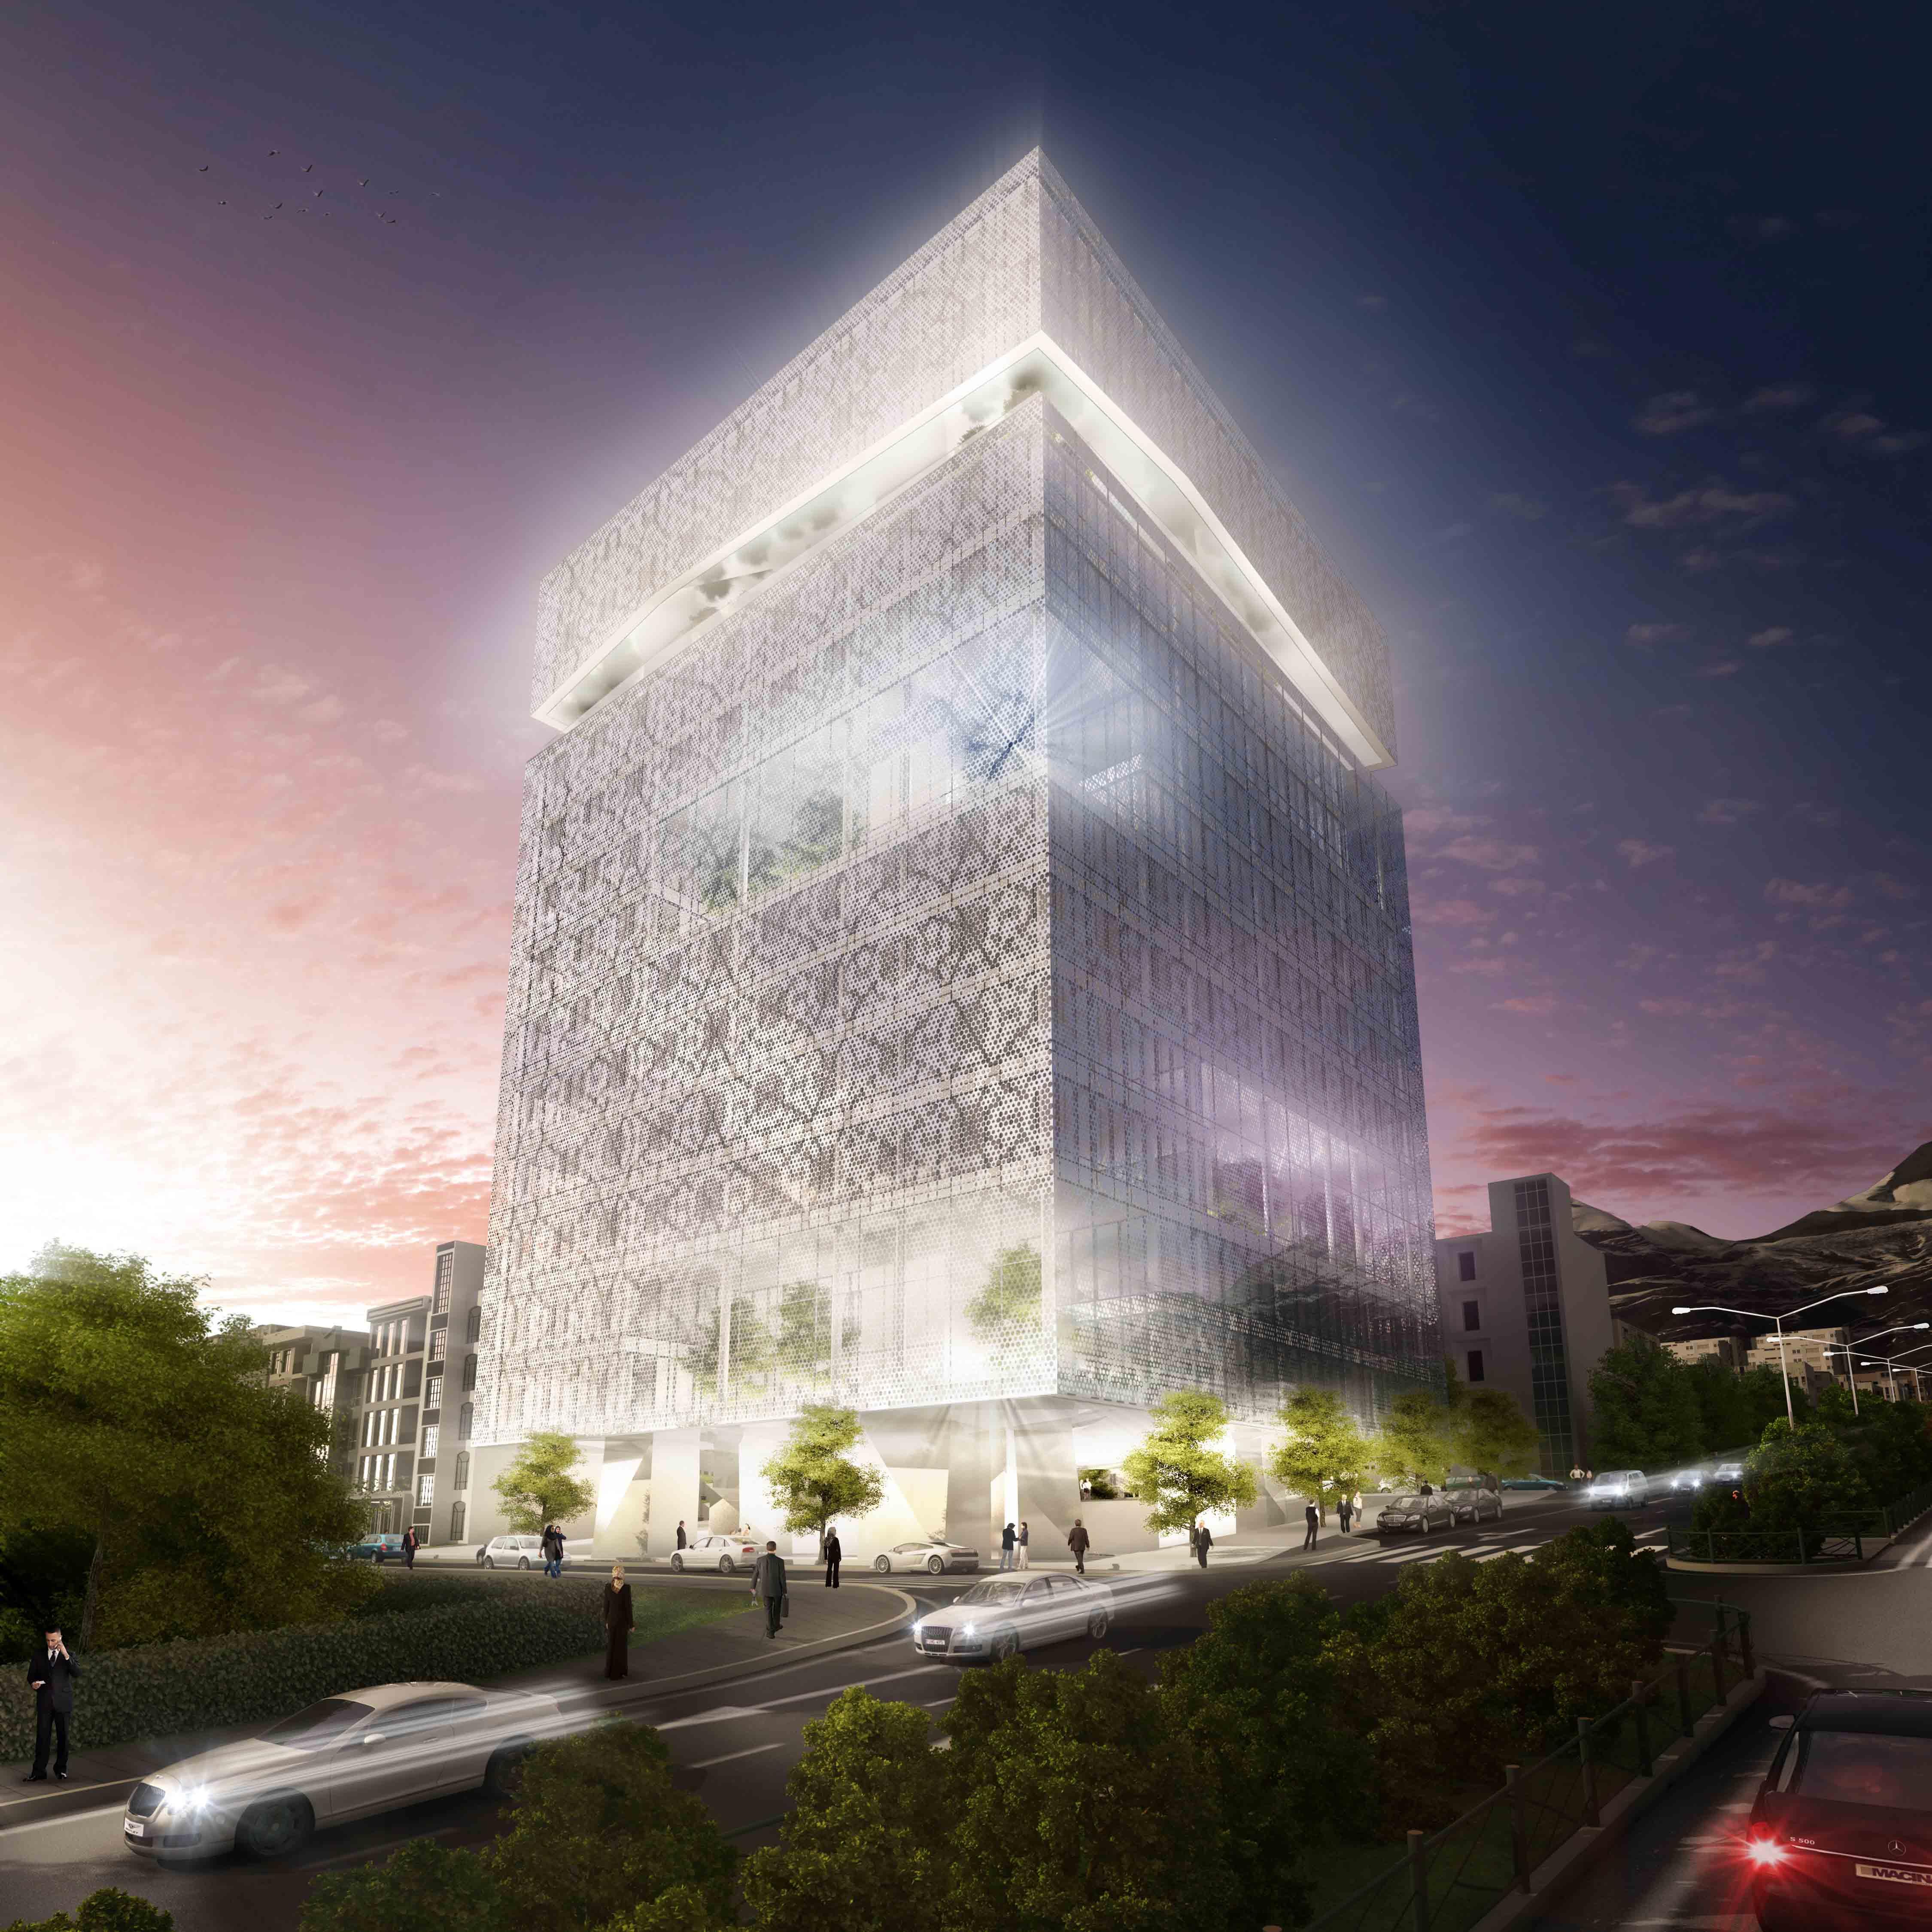 2°Lugar: Concurso Bolsa de Valores de Teerã : Hadi Teherani Office + Design Core [4S] , Cortesia de Hadi Teherani Office + Design Core [4S]